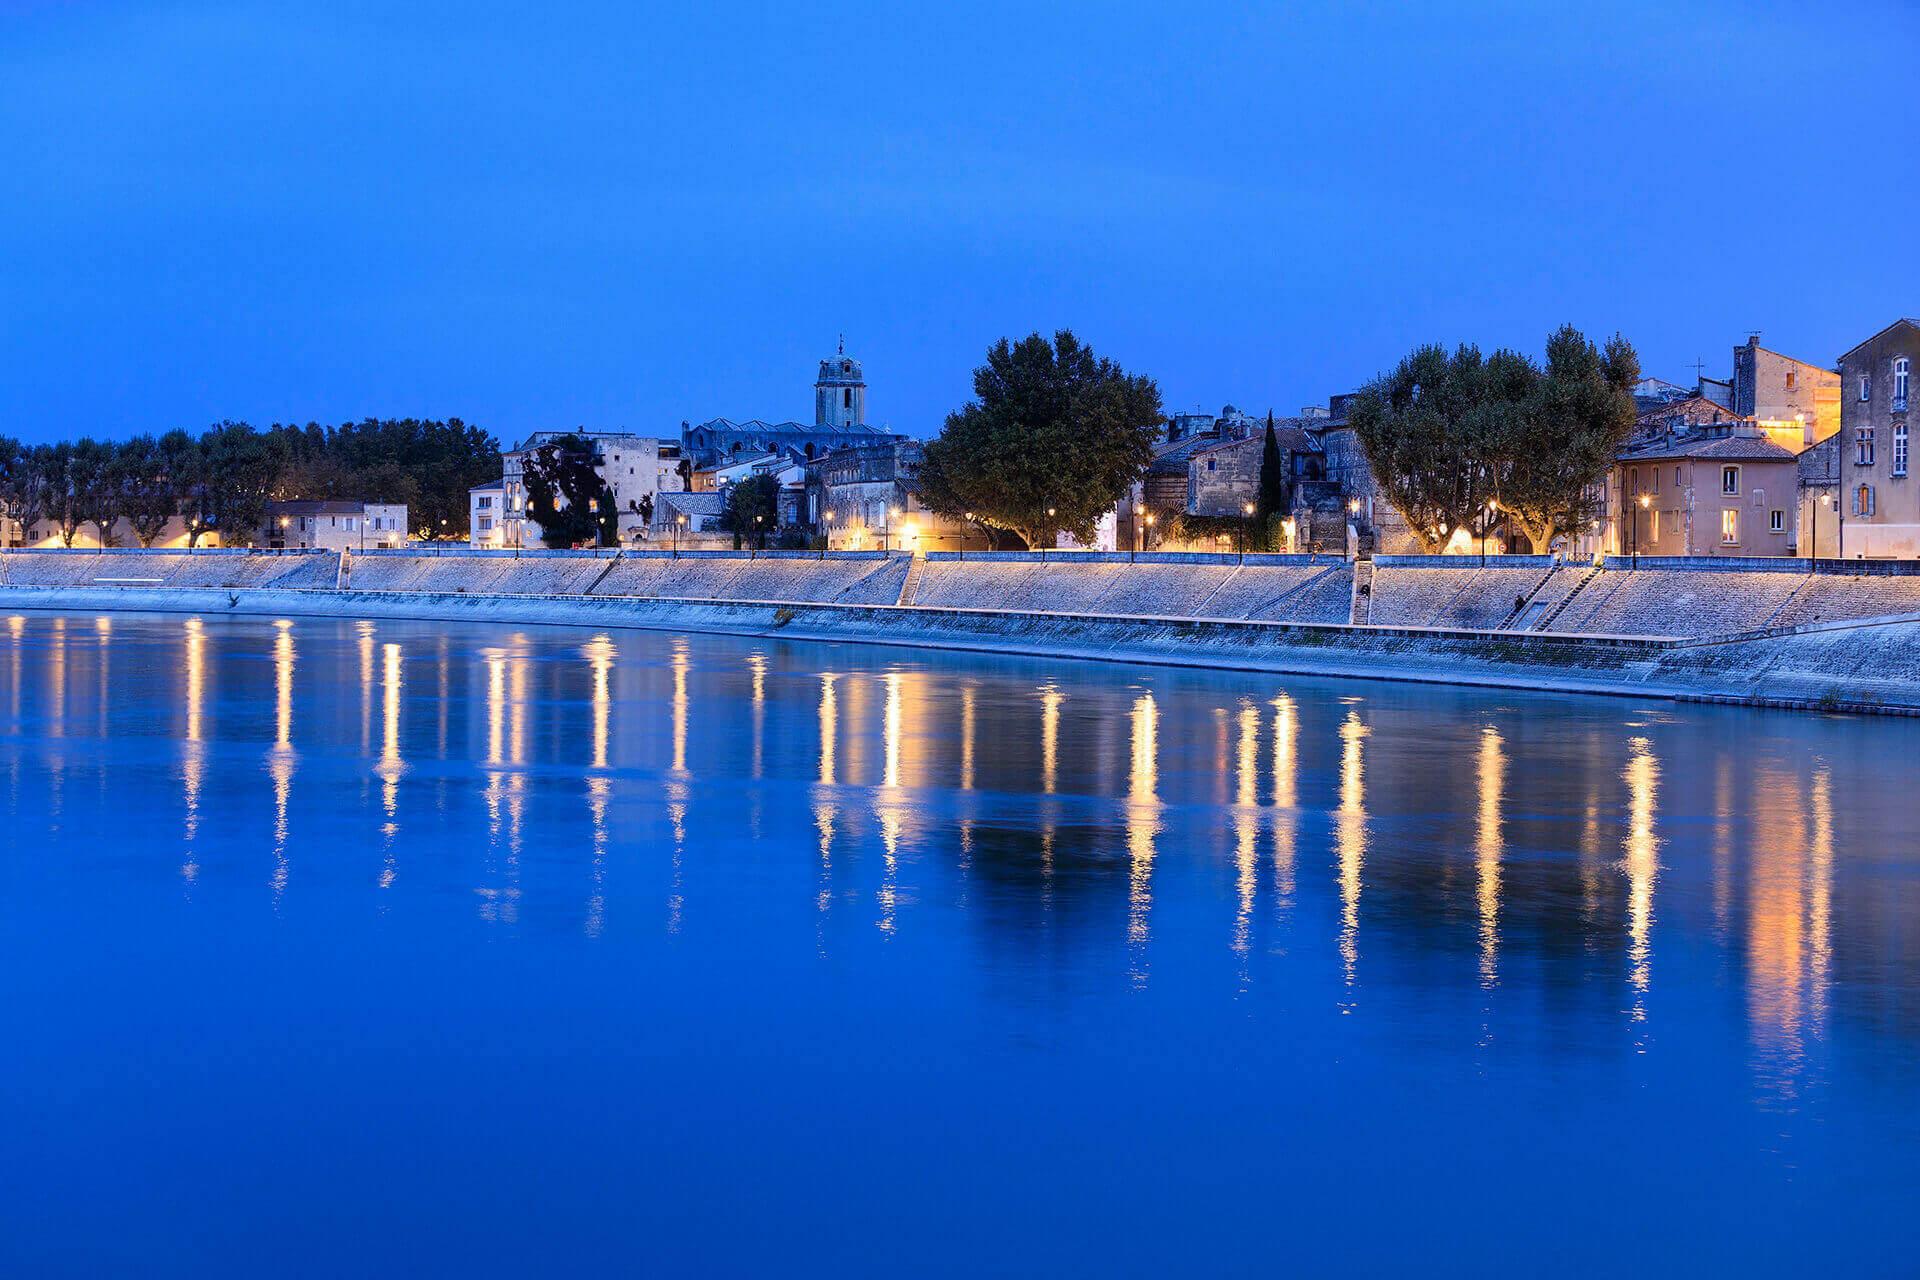 Le fleuve Rhône, Km 723 Bouches-du-Rhône, Arles